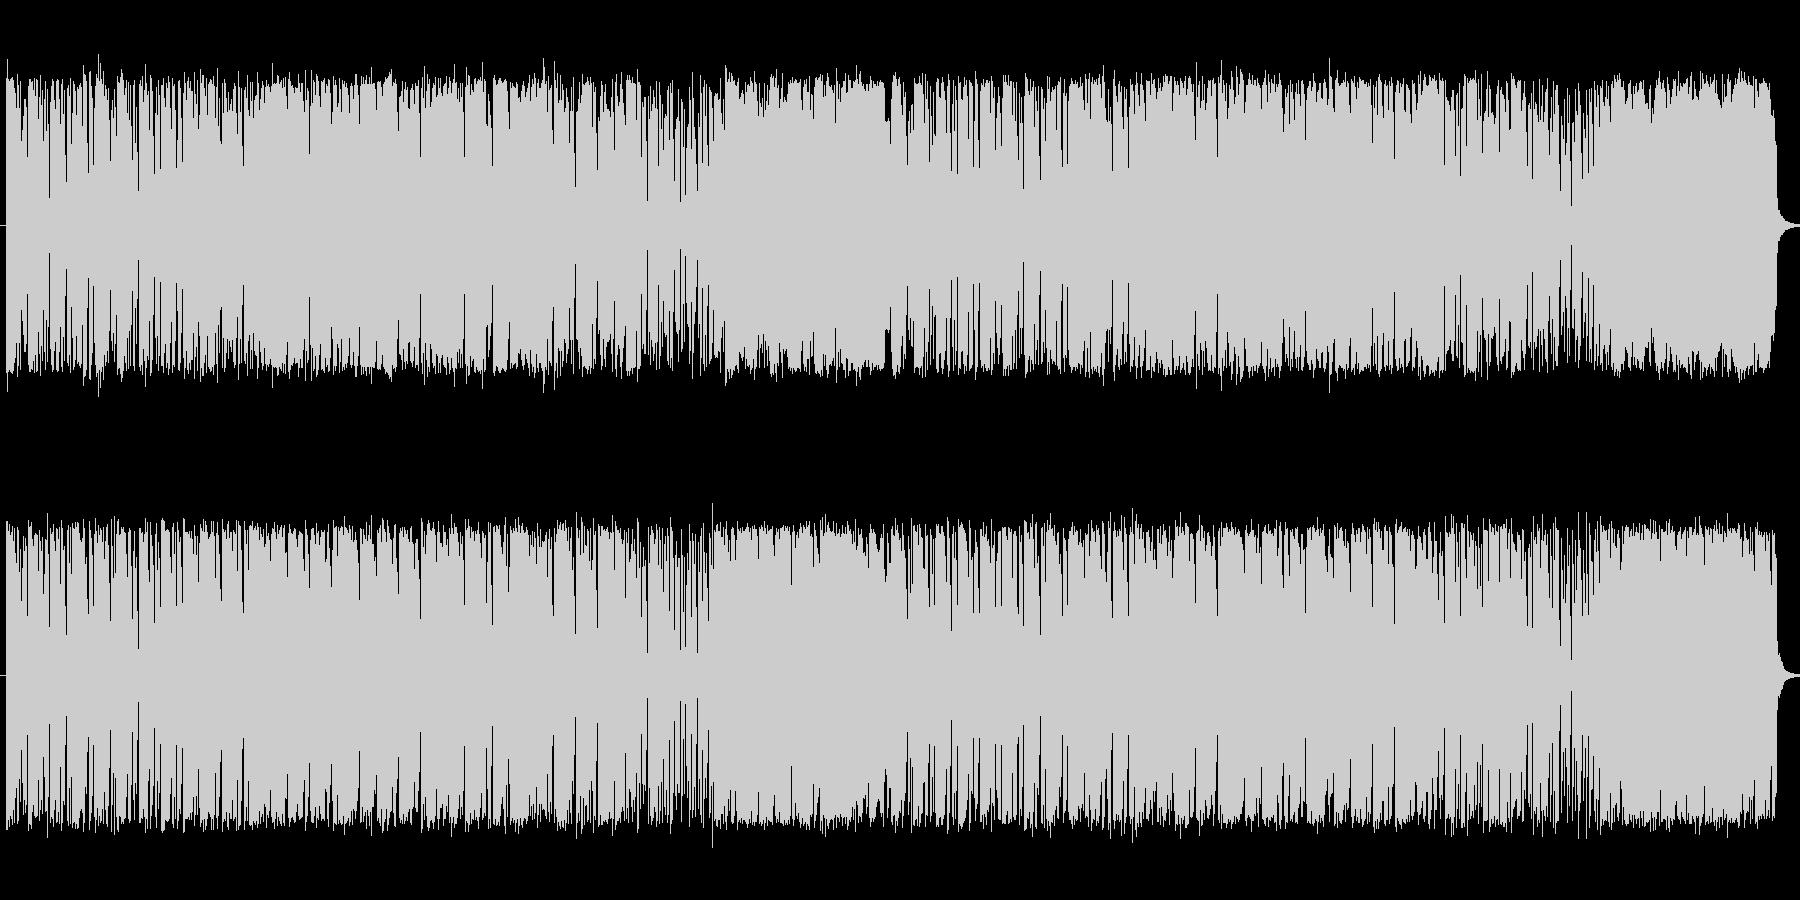 ボサノバ風の不思議な曲の未再生の波形